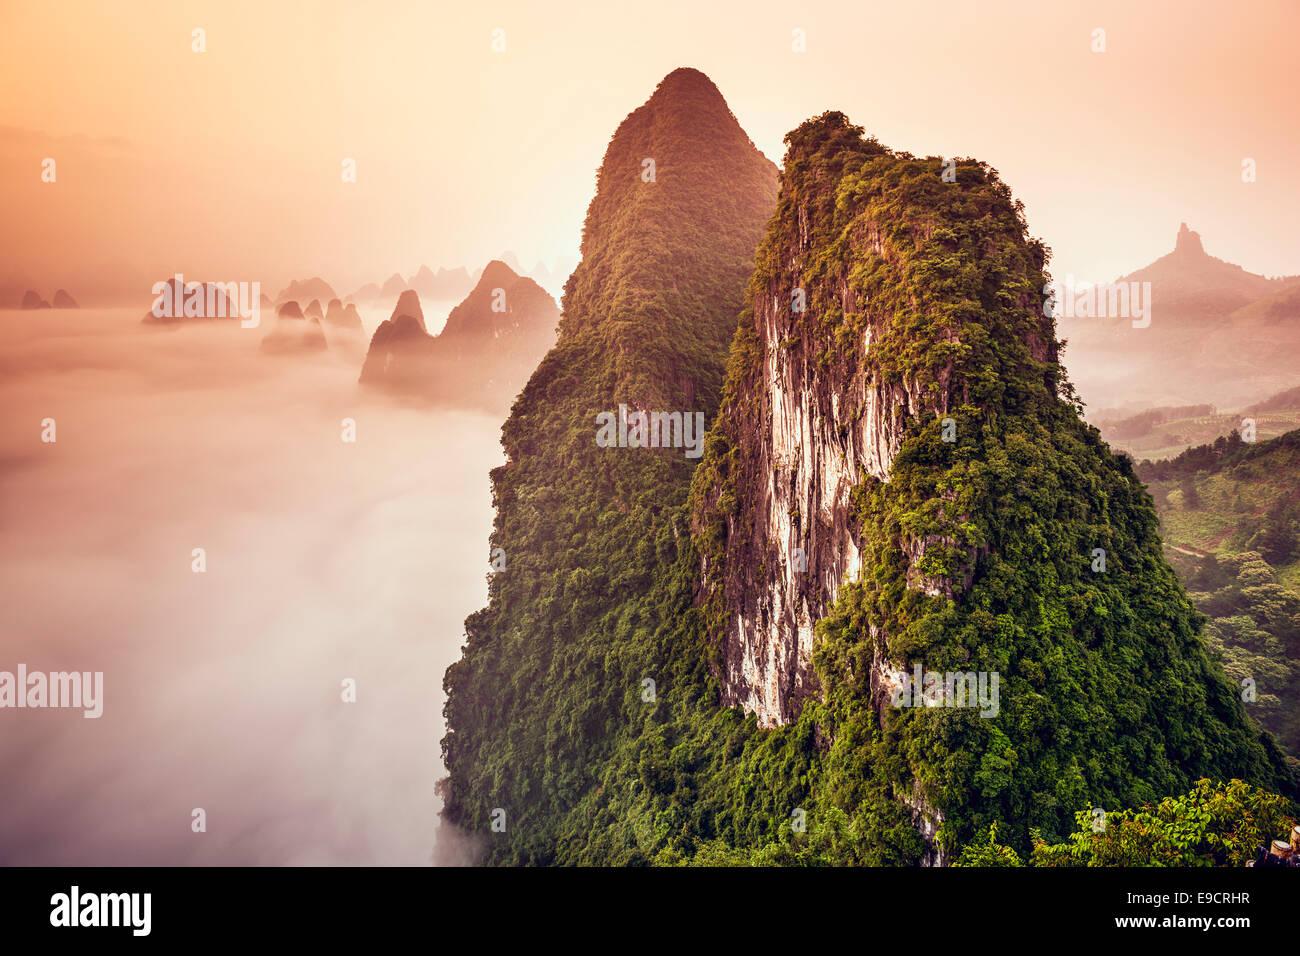 Montagnes karstiques de Xingping, Chine. Photo Stock